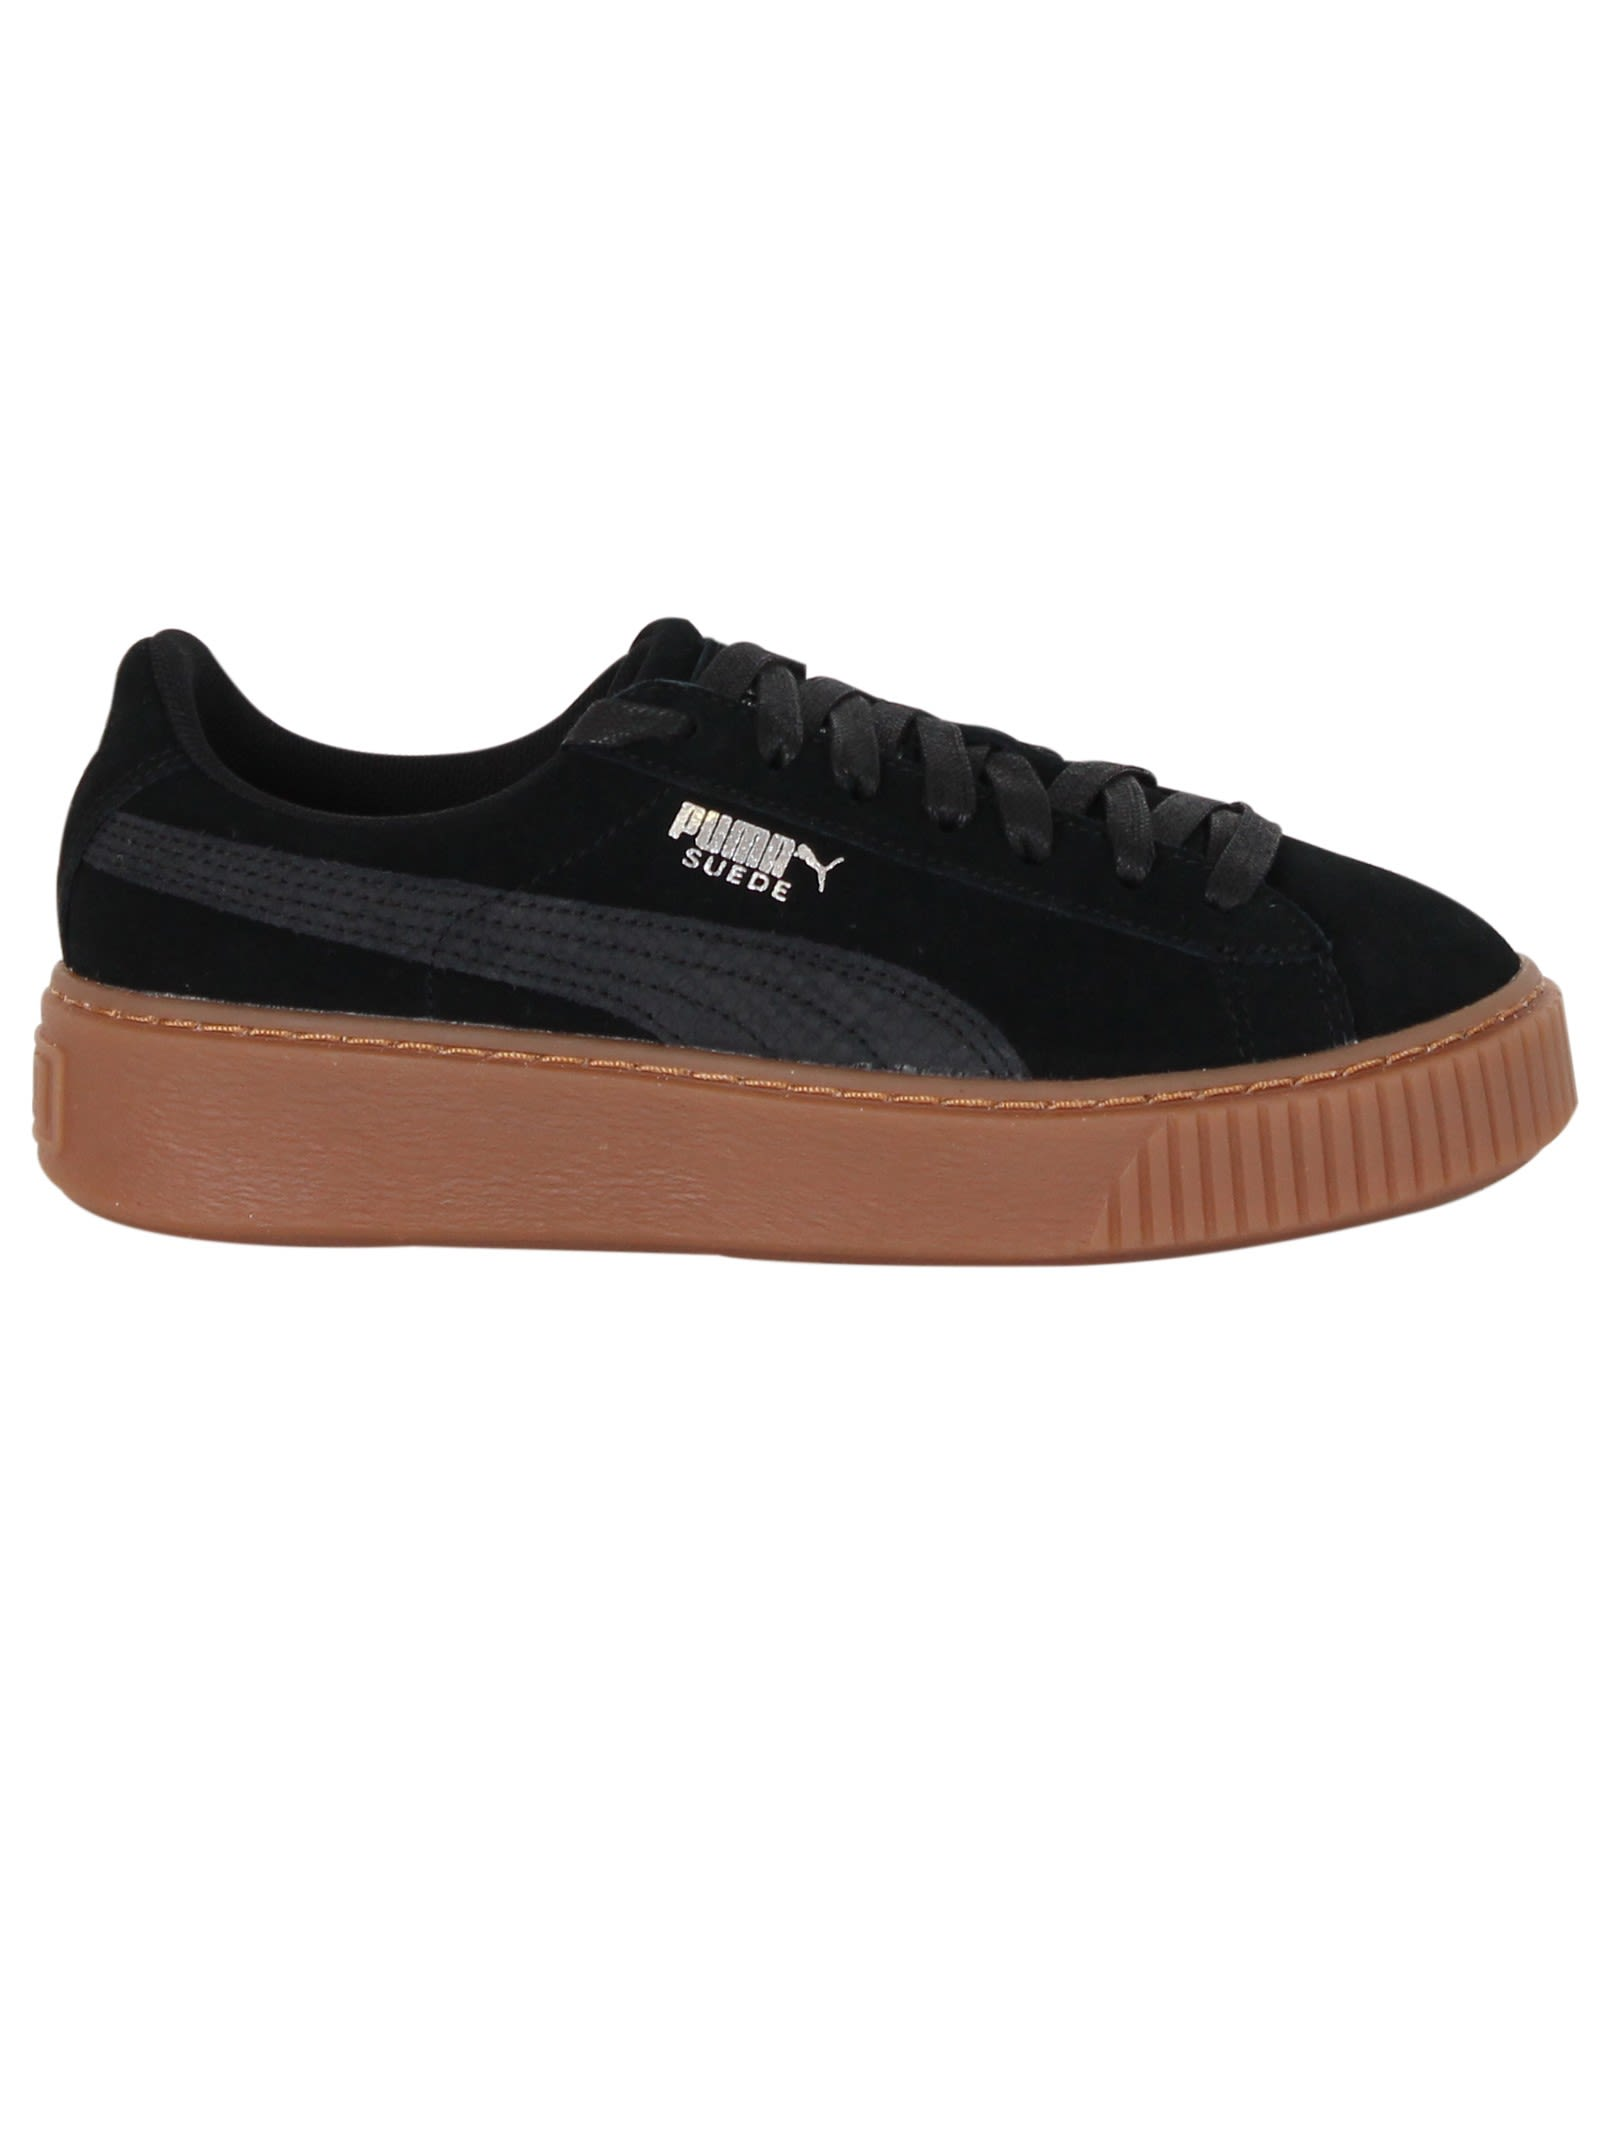 Black Suede Platform Animal Sneakers